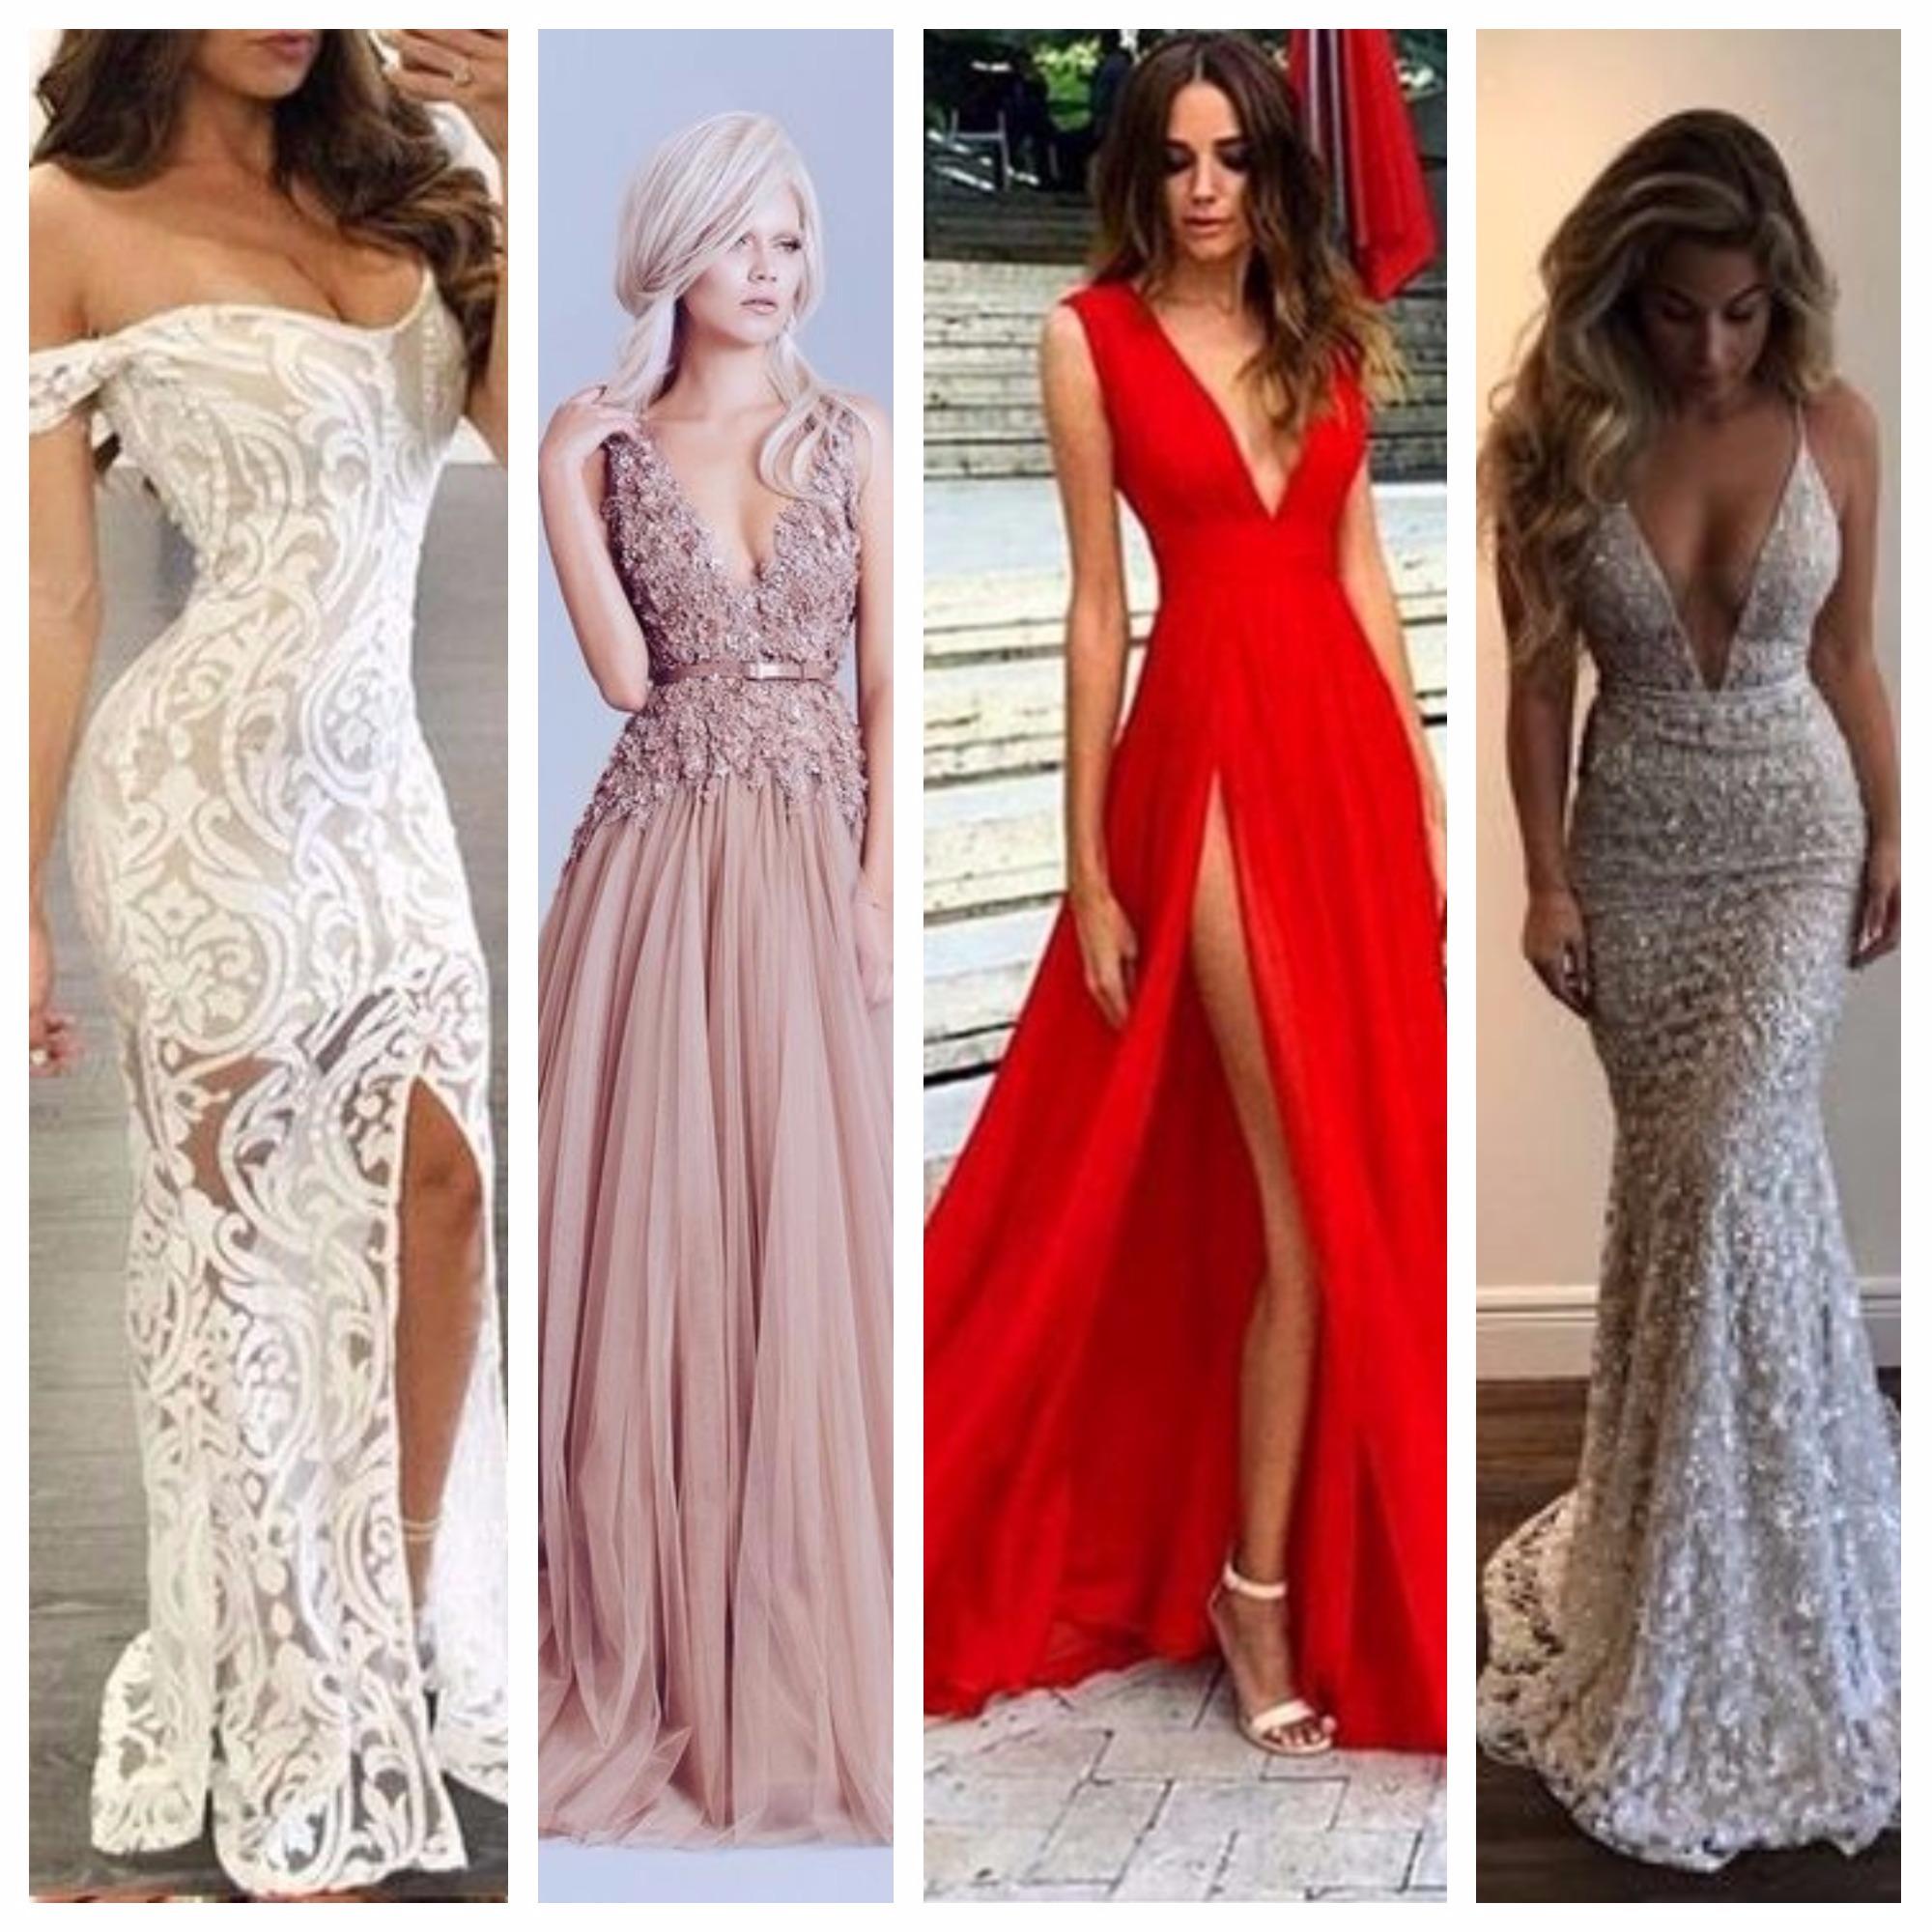 Вечернее платье отлично подойдет для корпоратива shopdress.ru